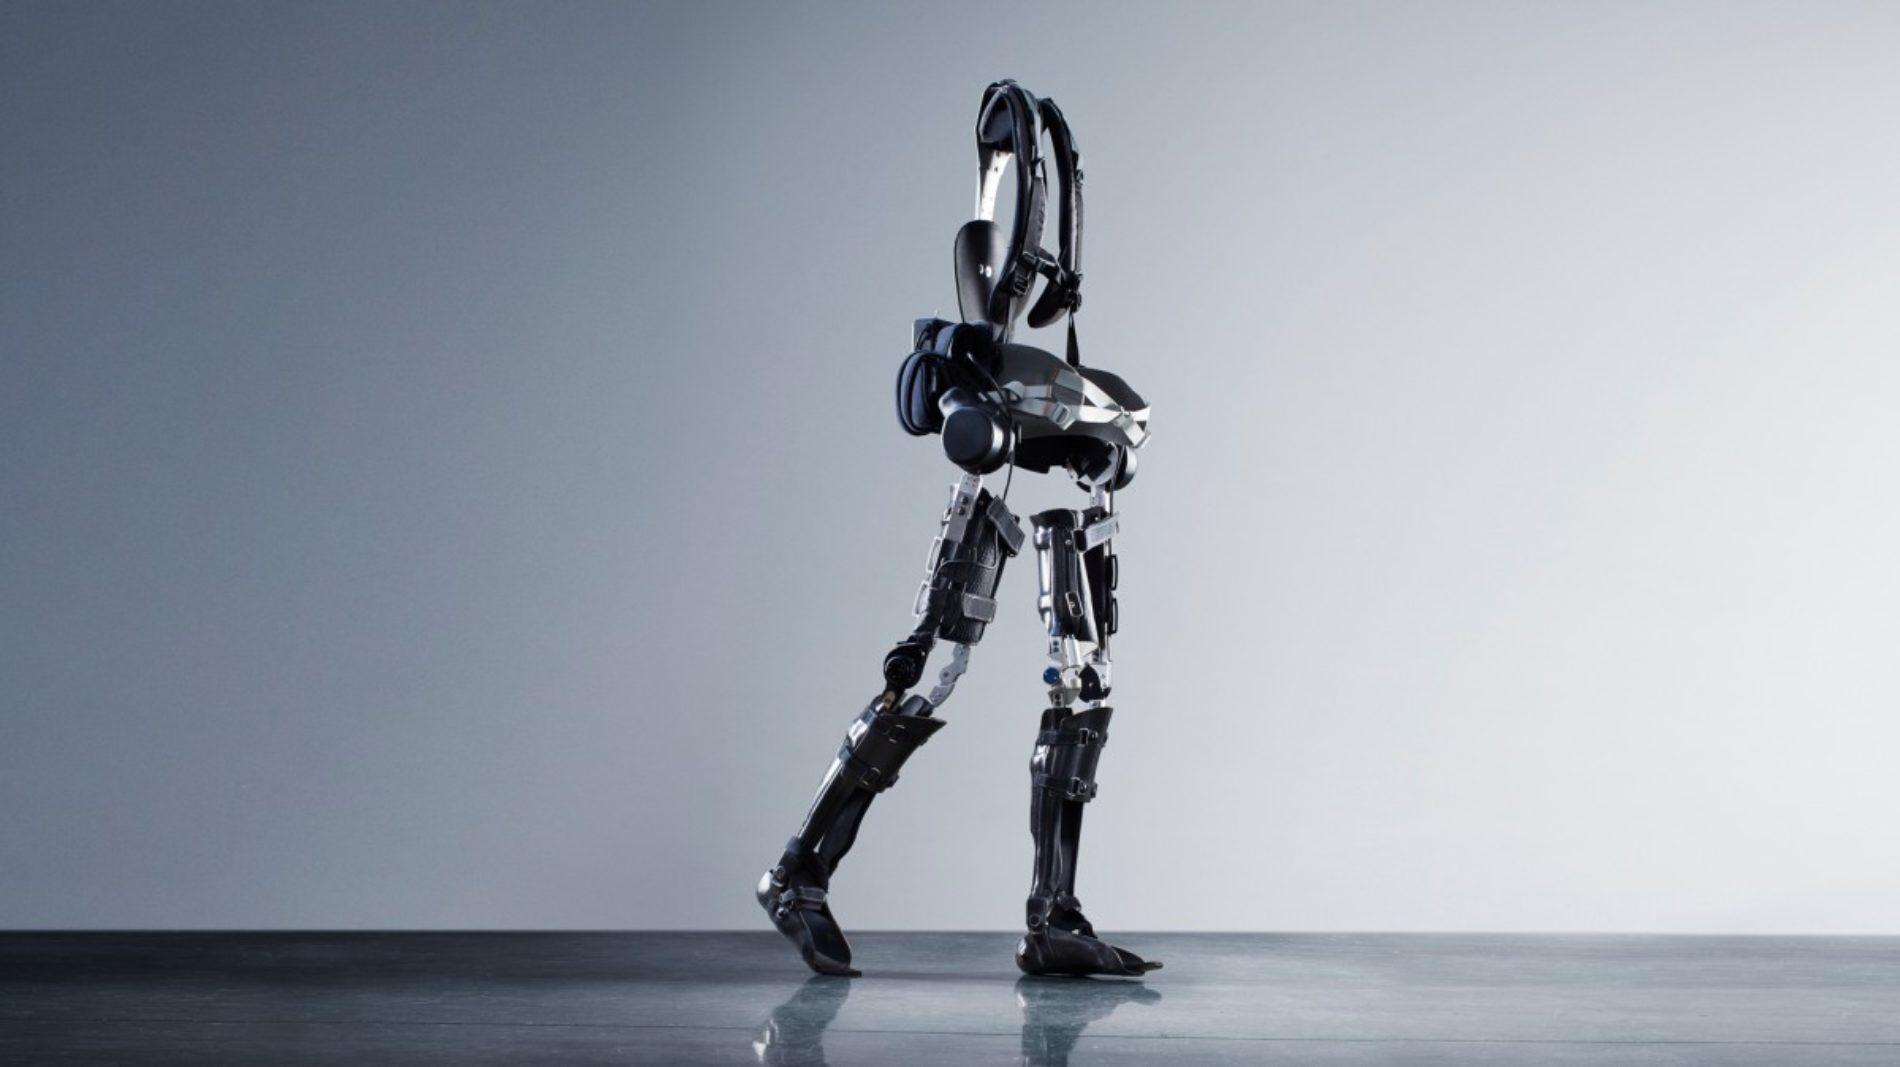 Exoskeleton – Chance to be Iron Man?